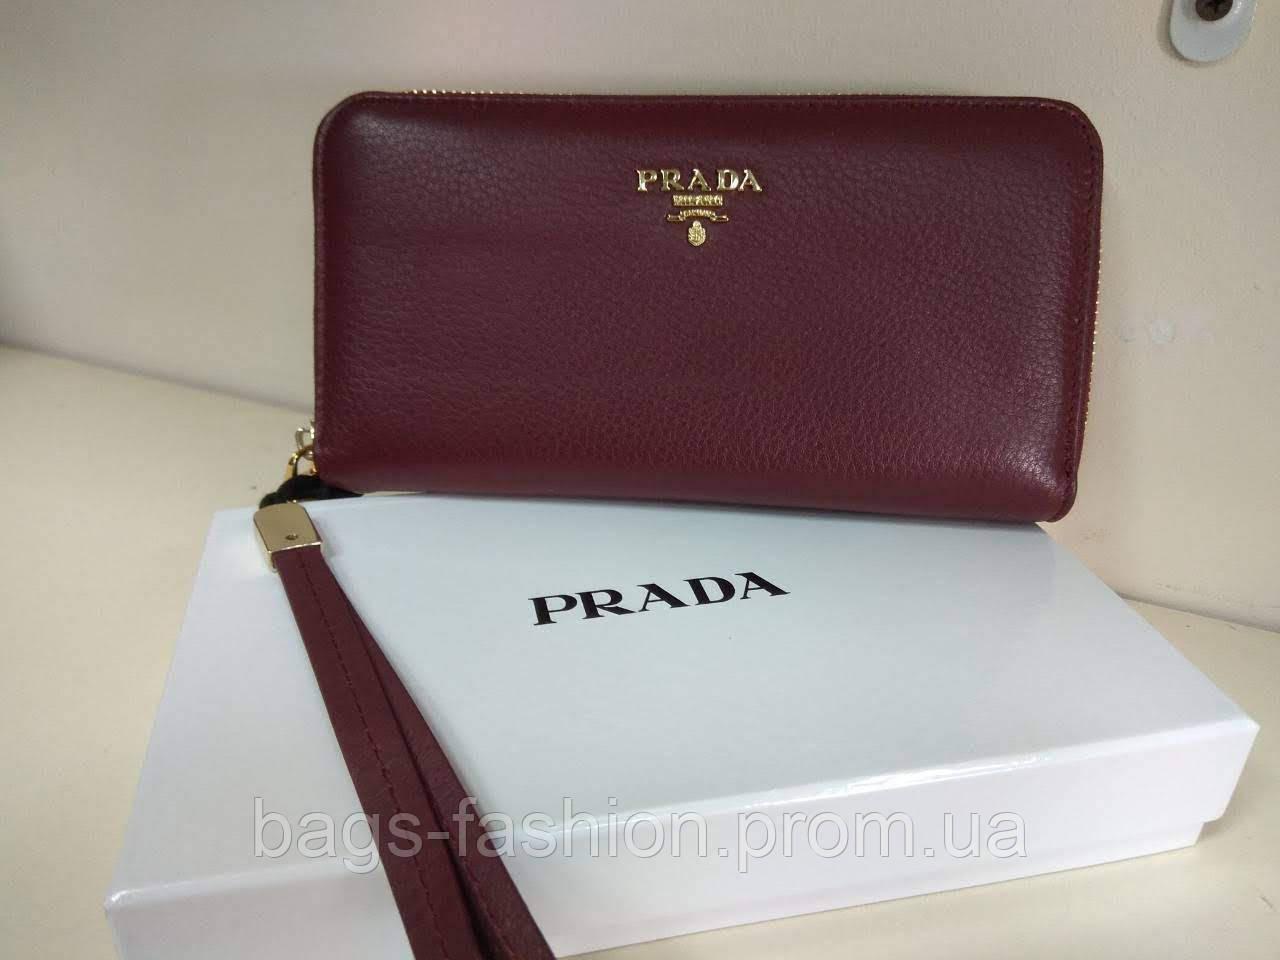 860ae49dab58 кошелек Prada натуральная кожа реплика в категории кошельки и